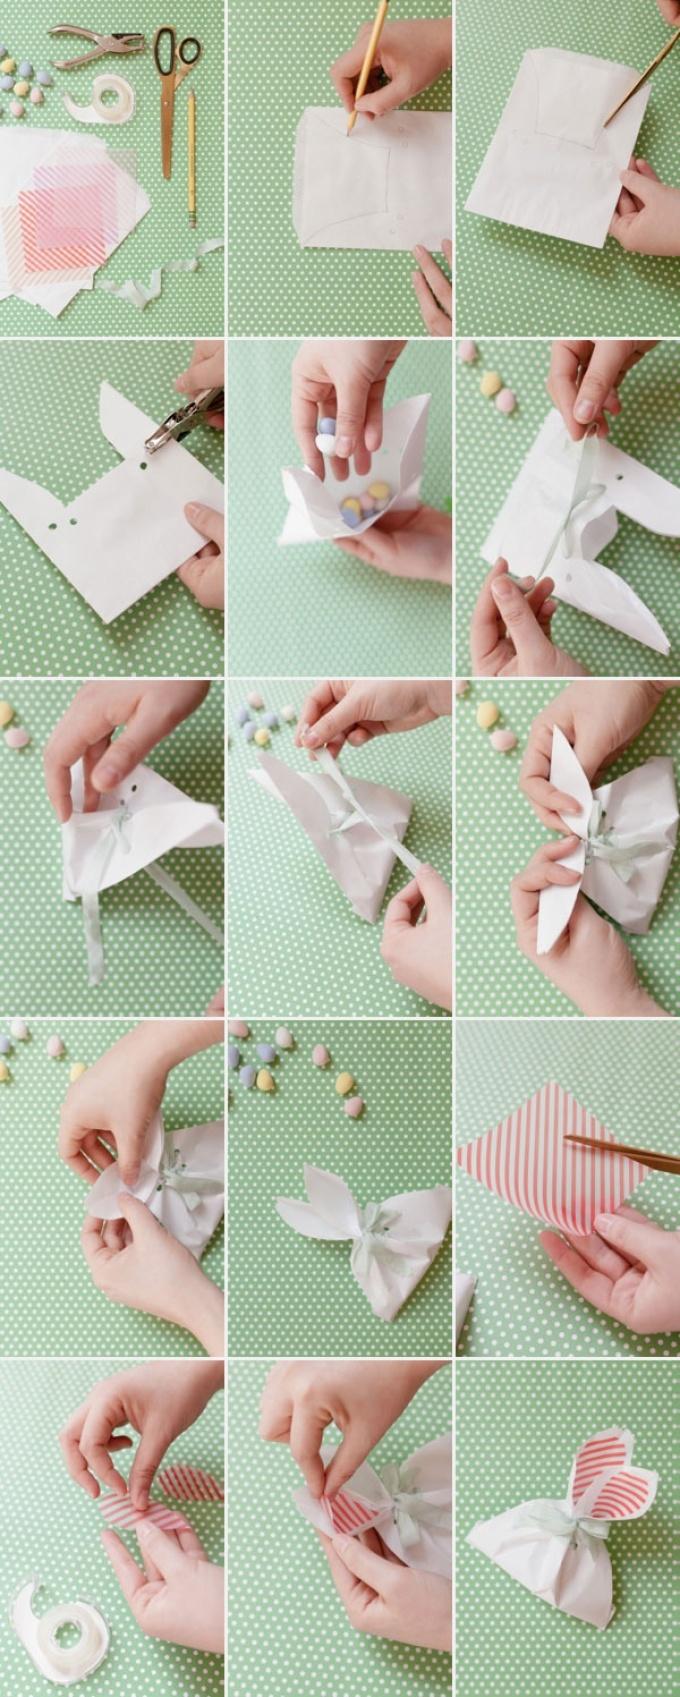 vot-po-takoi-sheme-mozhno-sozdat-upakovku-zaichika-dlya-konfet-rossipyu Коробка для конфет своими руками: делаем из бумаги и из картона